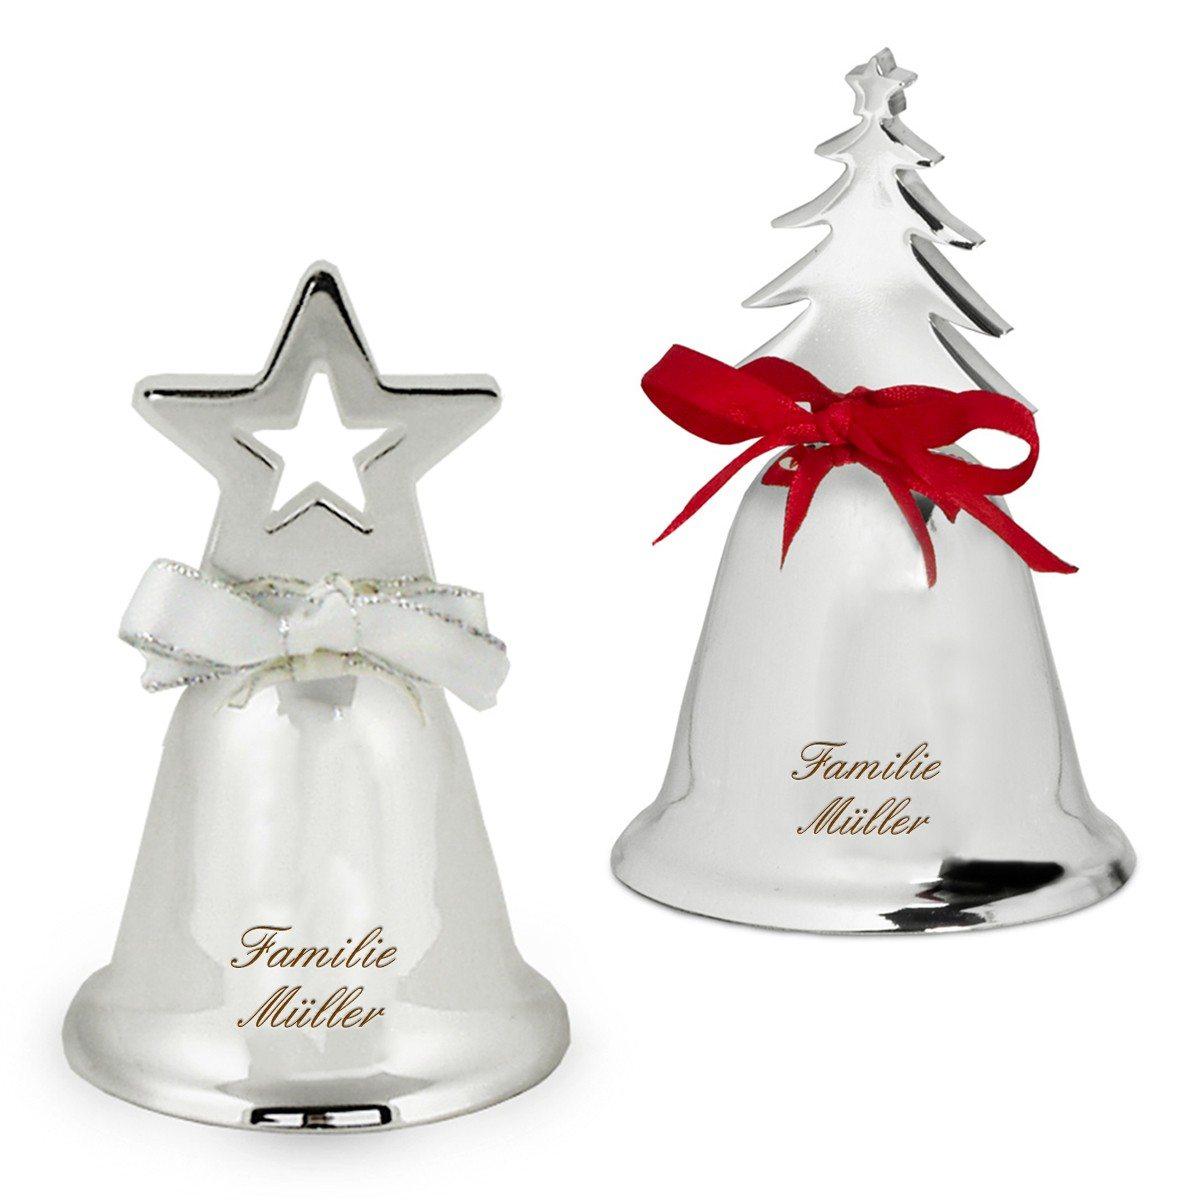 Weihnachtliche Tischglocke mit Gravur